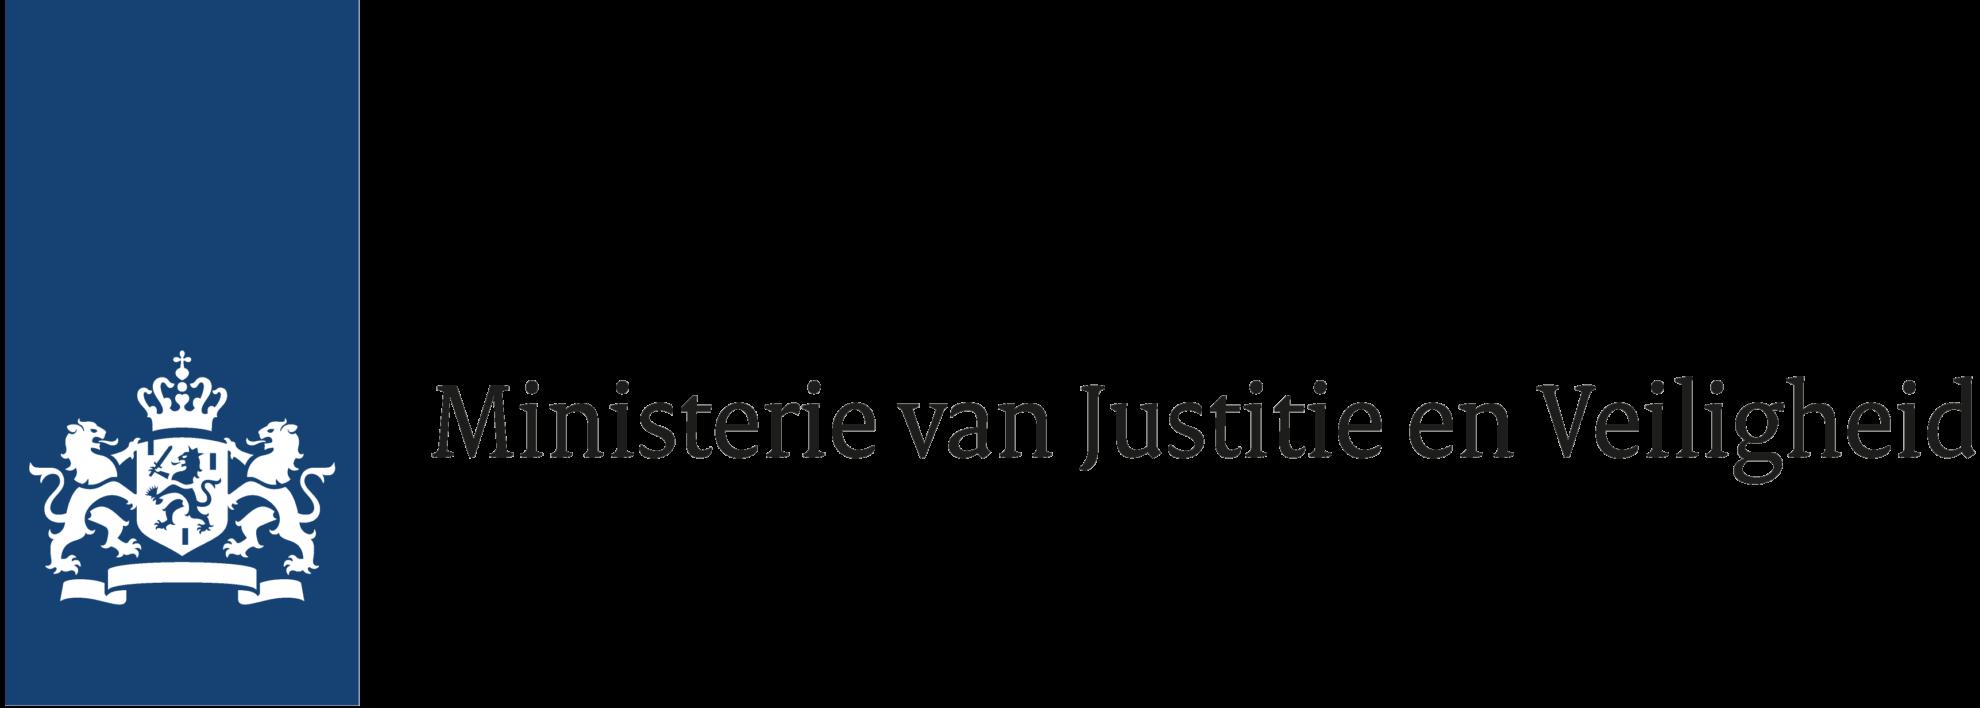 logo Ministerie van Justitie en Veiligheid